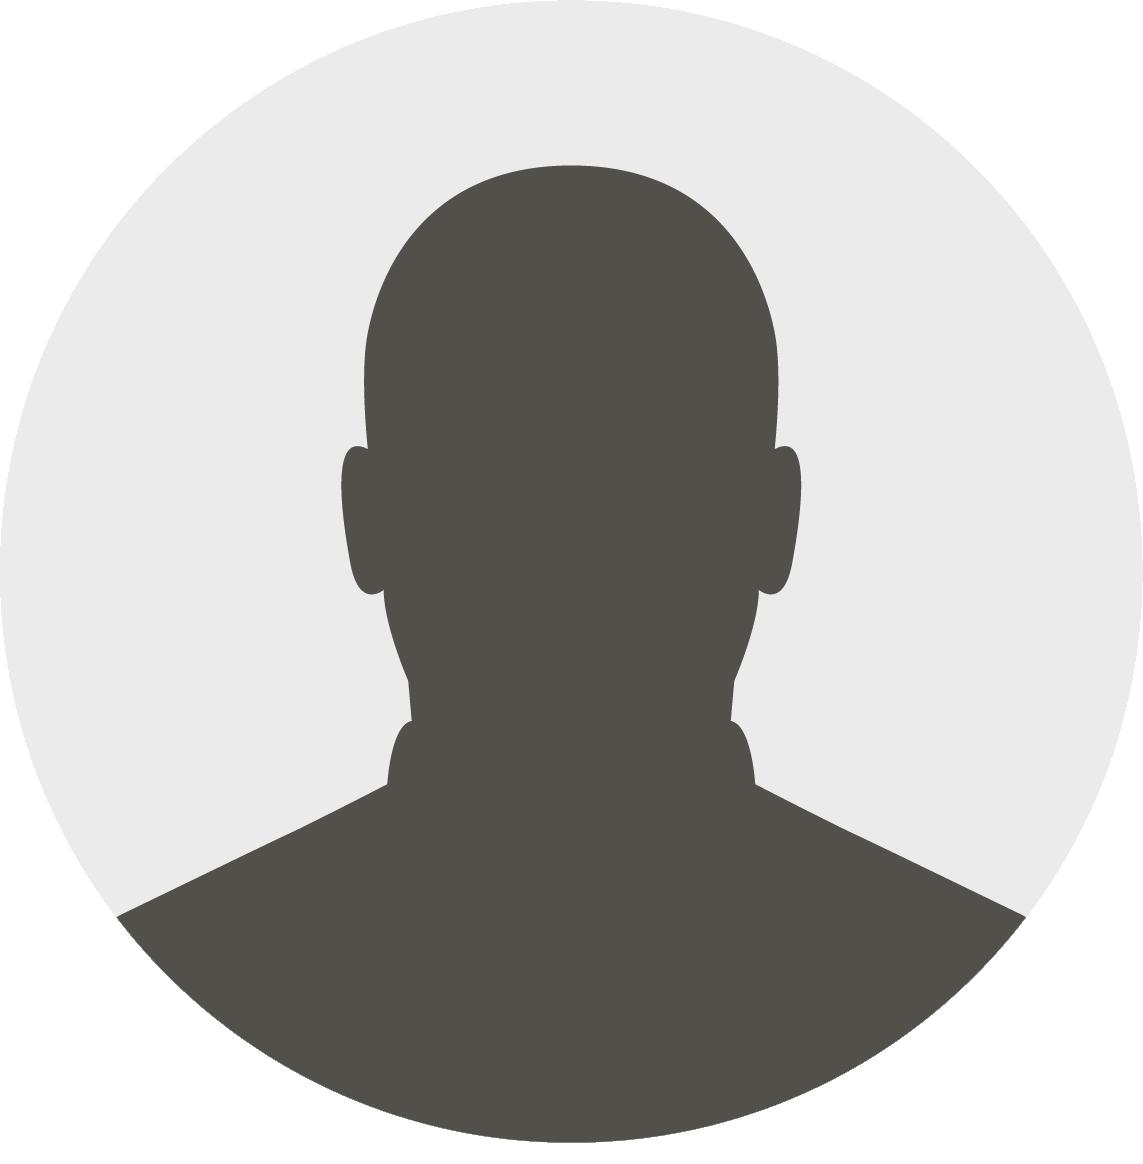 David Olawepo